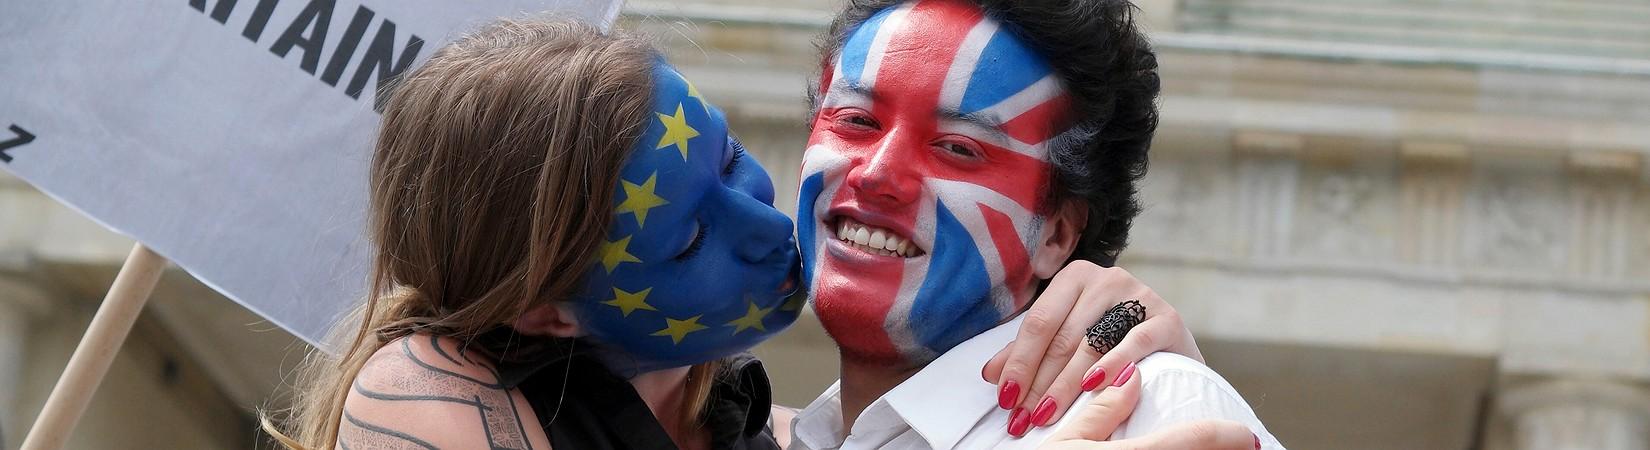 Cómo invertir ante el Brexit